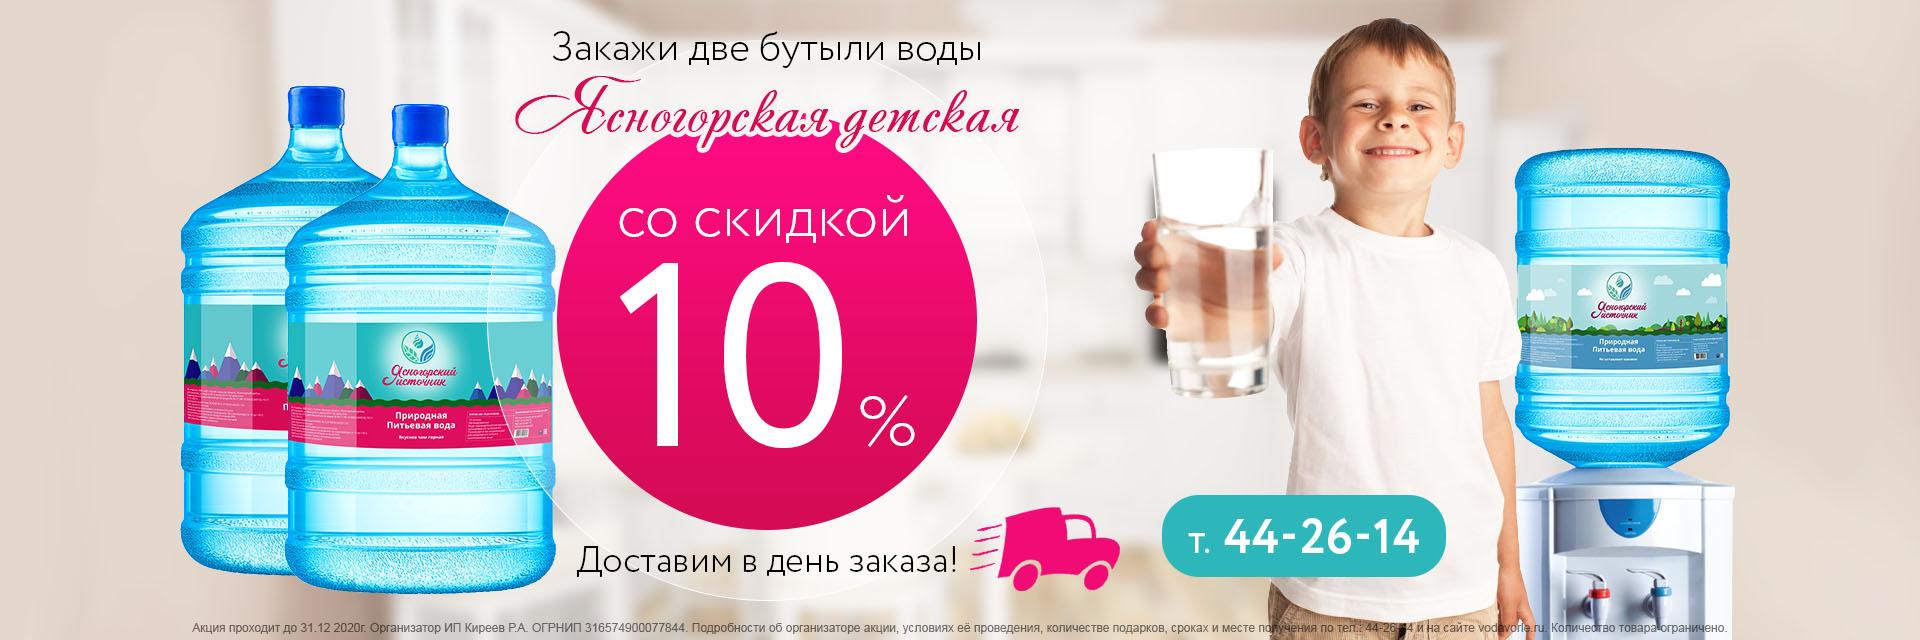 Ясногорская детская скидка 10%